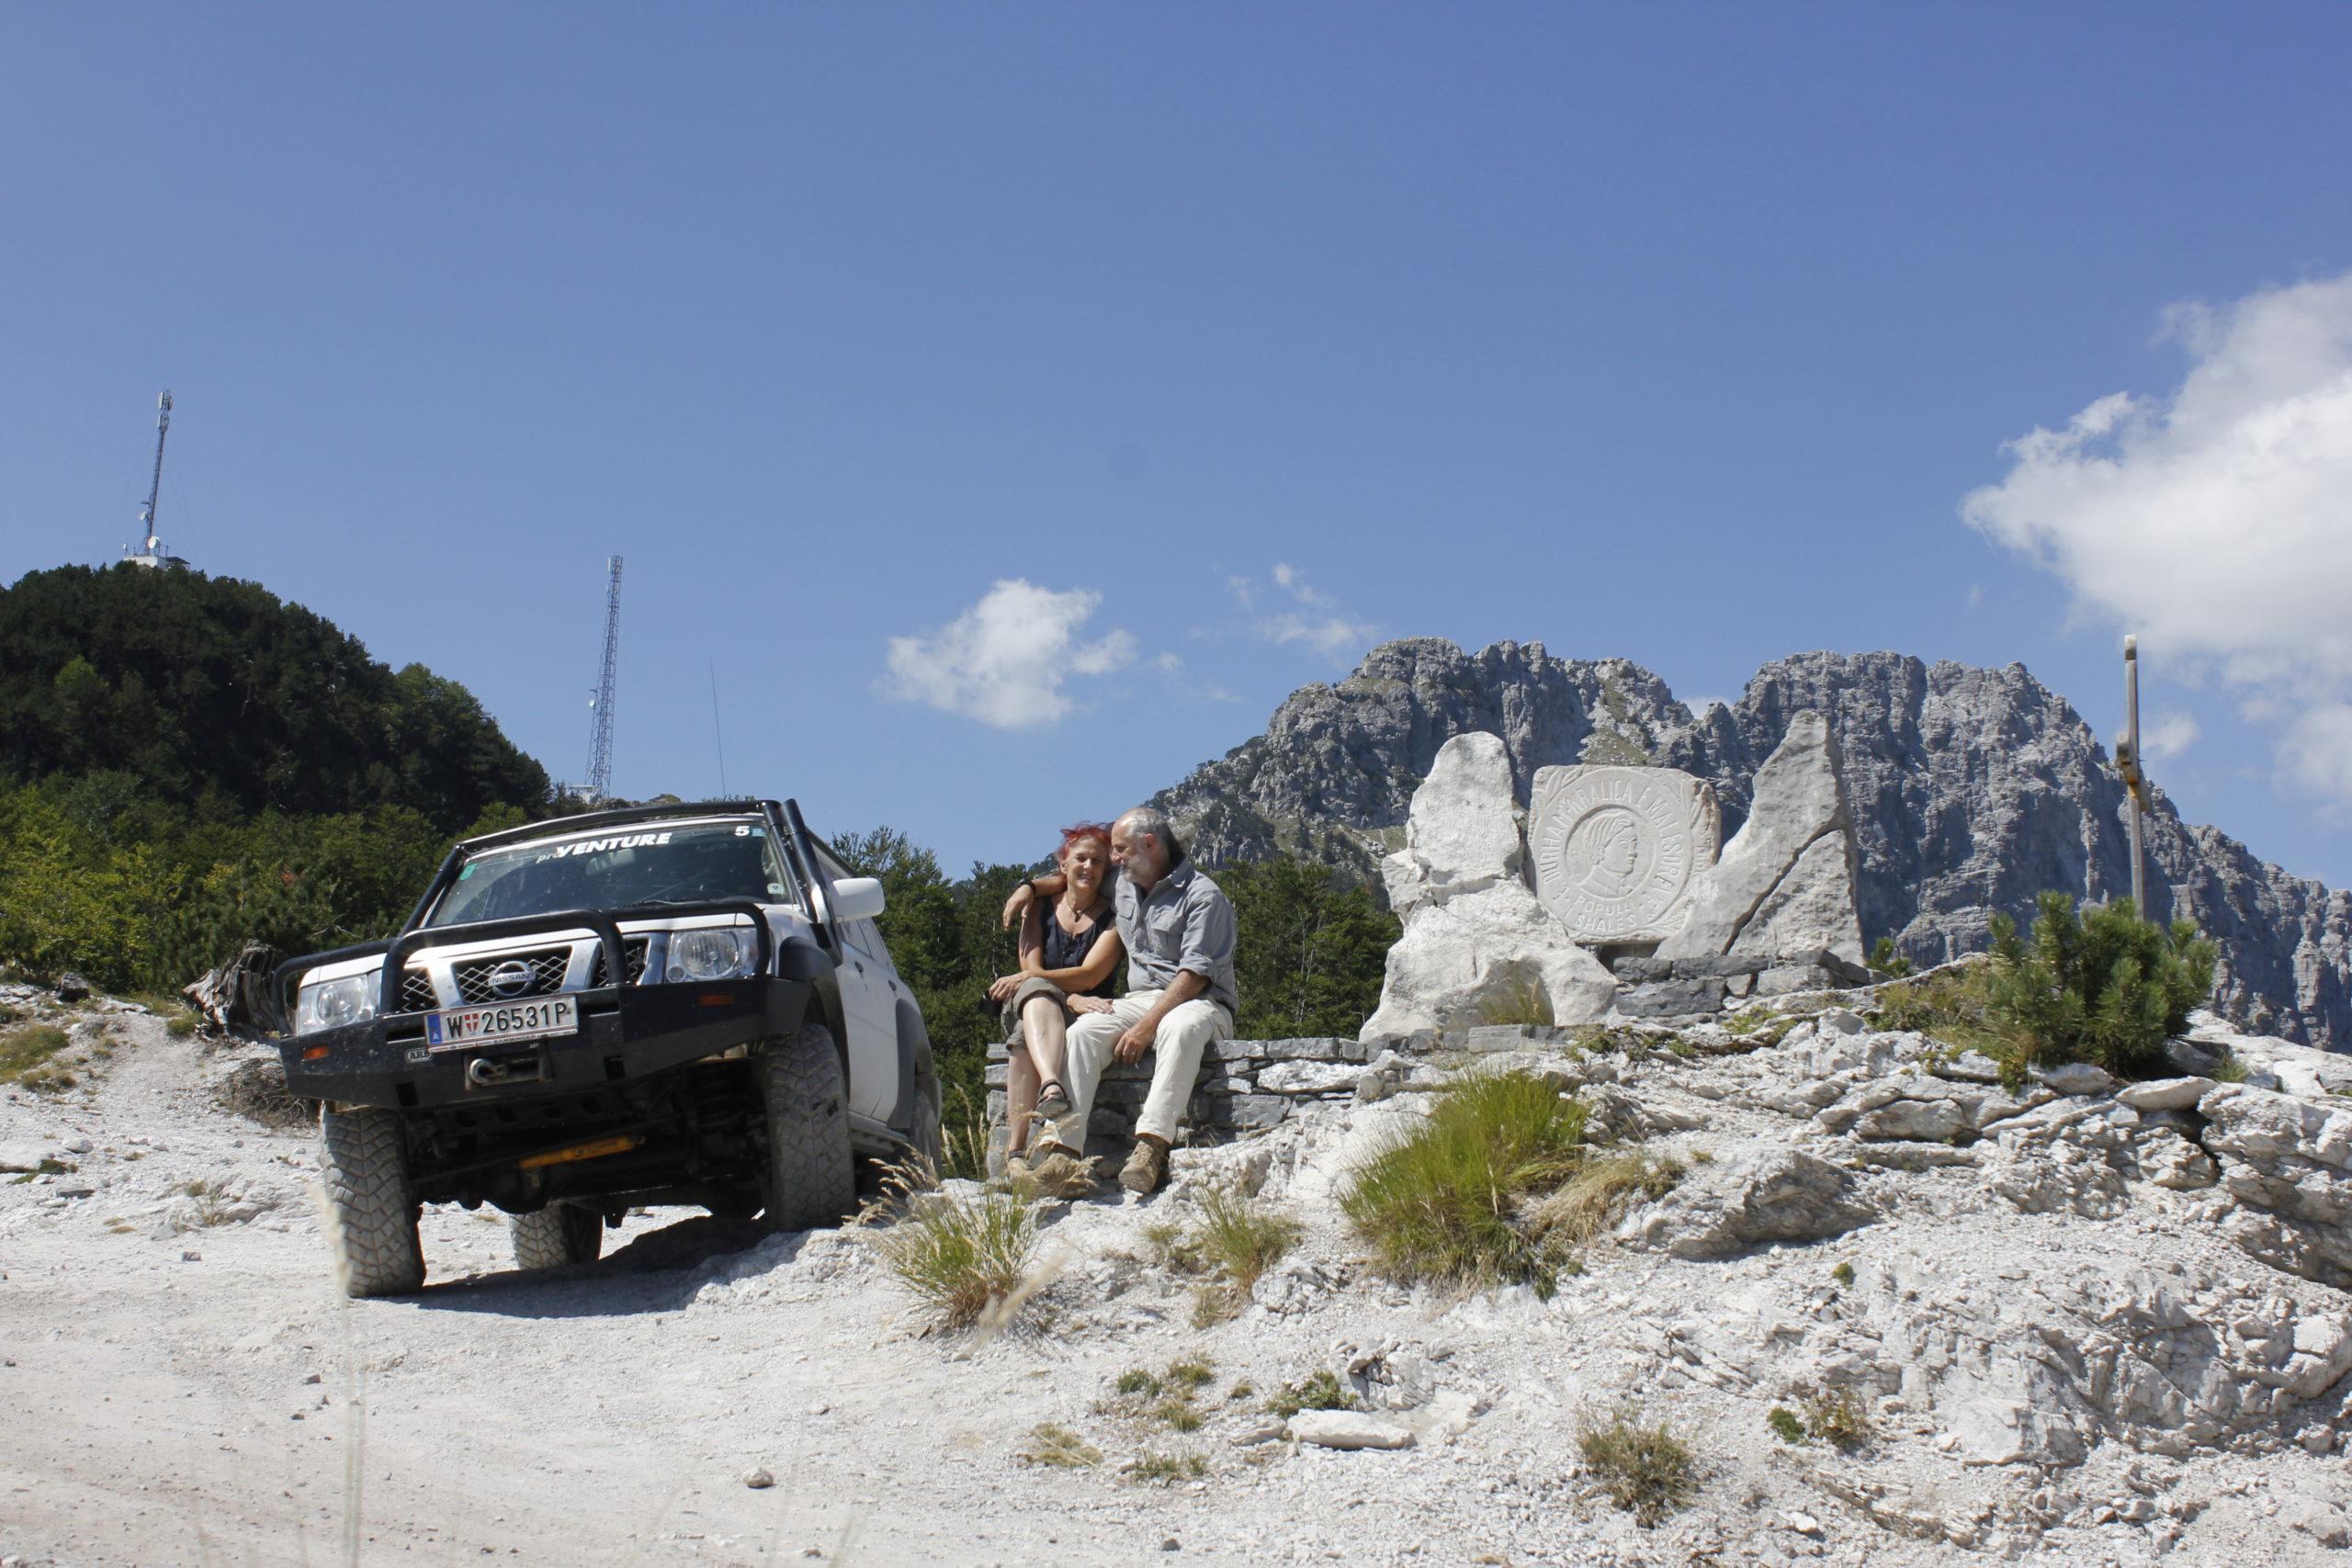 4x4 Abenteuerreise: Albanien so nah und doch so fremd 9